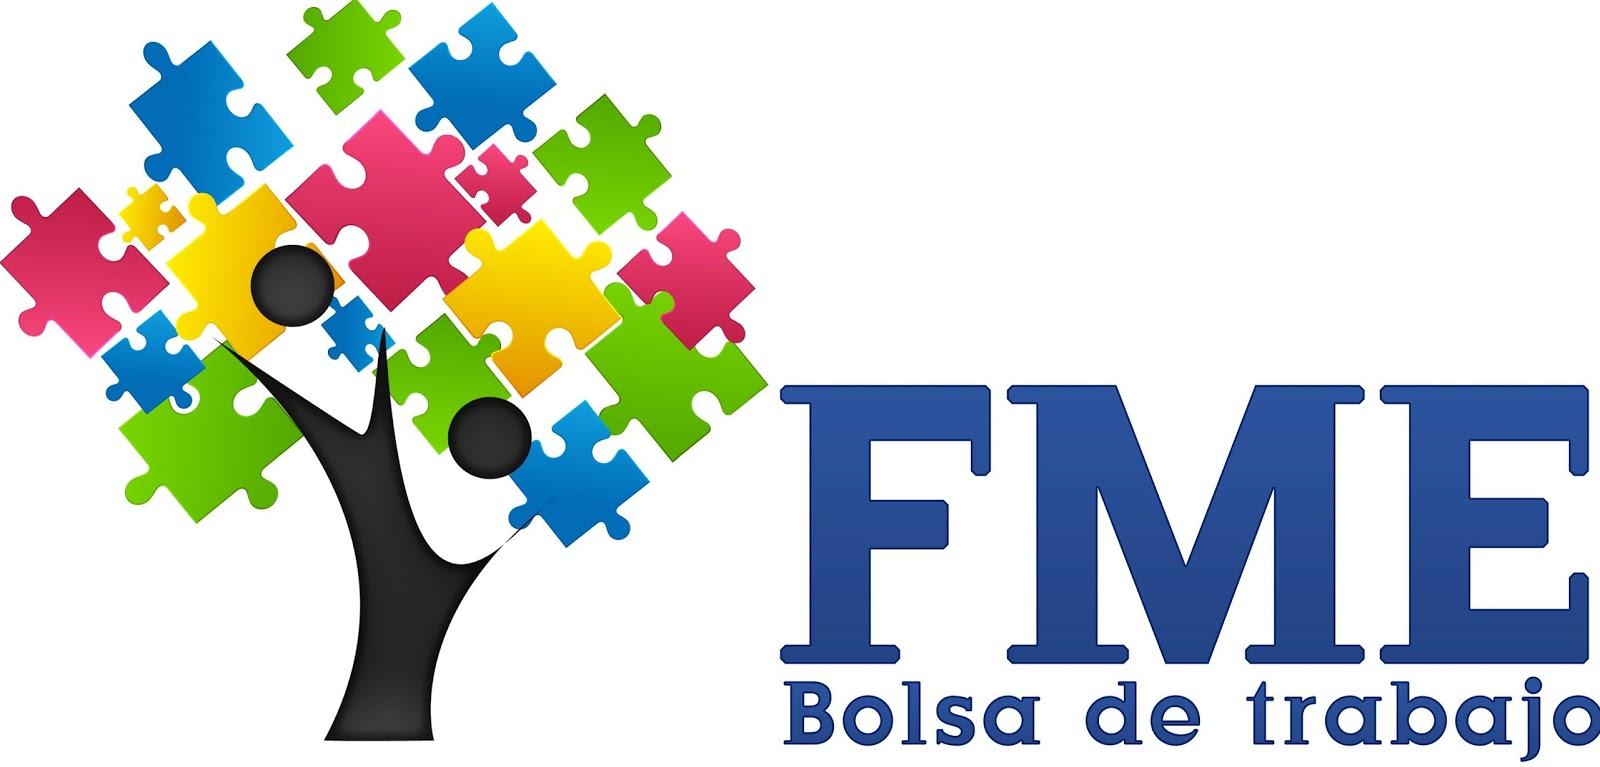 71 ofertas de empleo toluca y metepec trabajos en Edo. México, buscar trabajo es gratis, encuentra tu nuevo empleo en OCCMundial, ¡entra ahora!